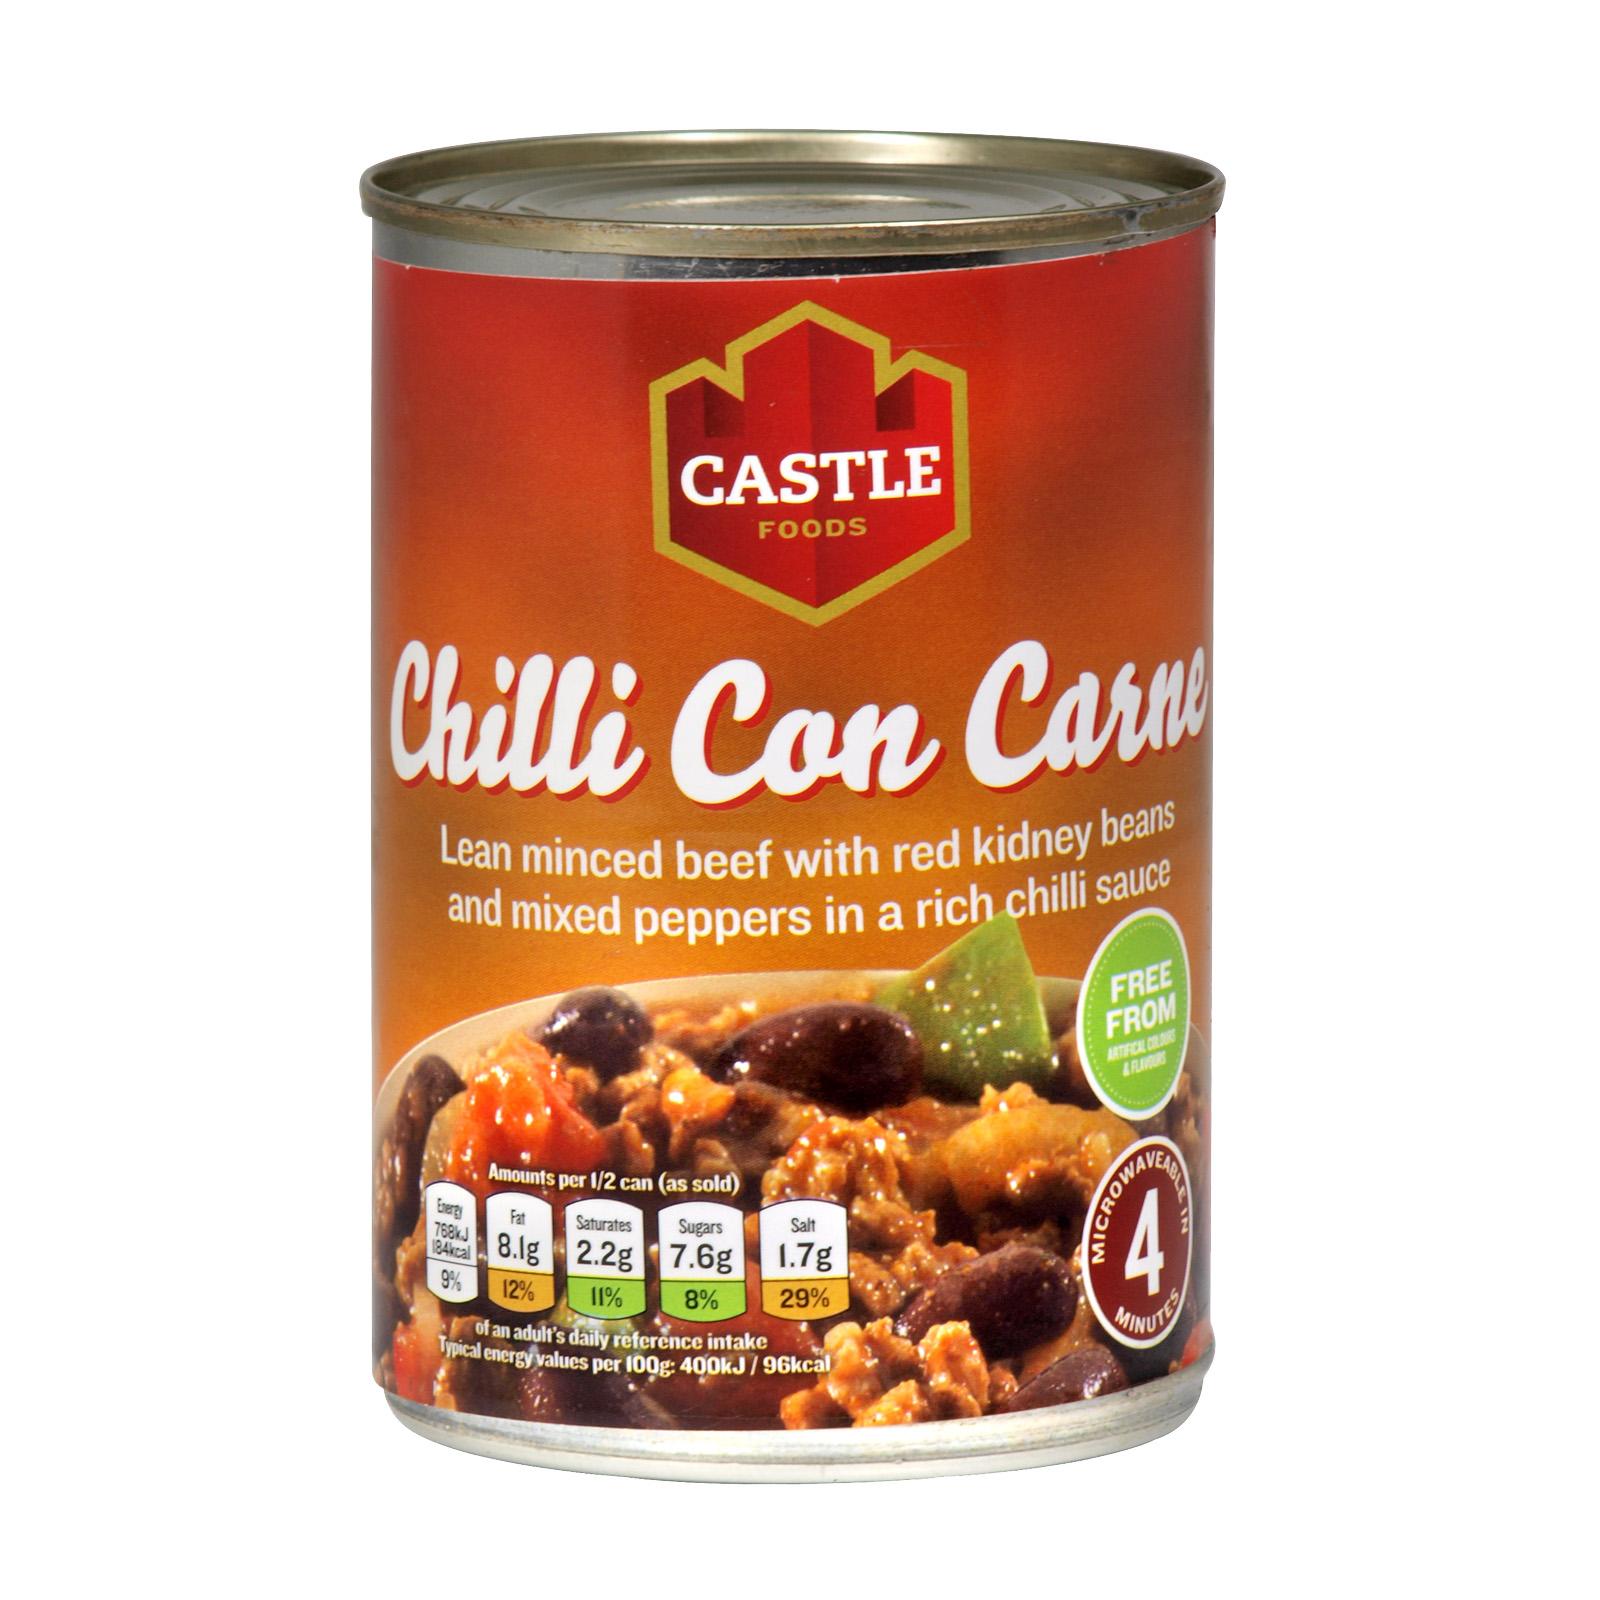 CASTLE CHILLI CON CARNE 385GM X12